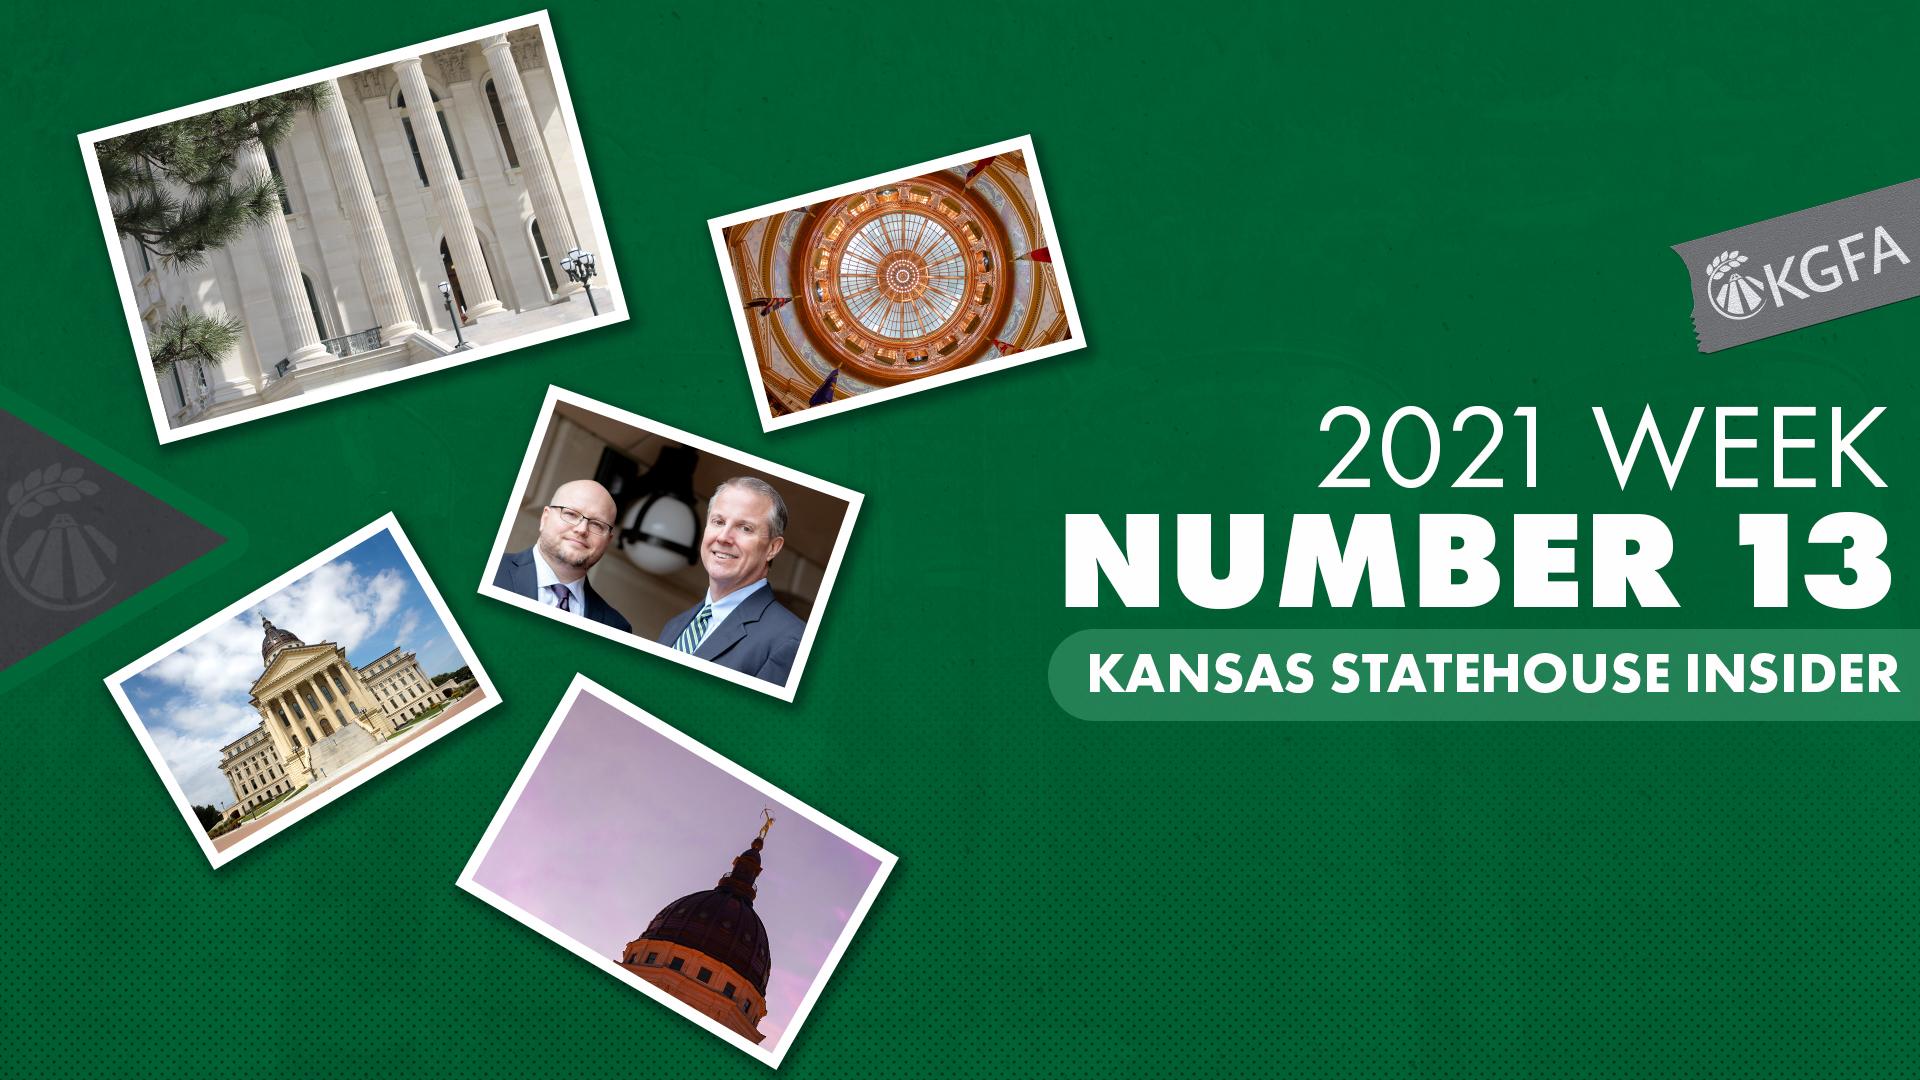 2021 Kansas Statehouse Insider - Week 13